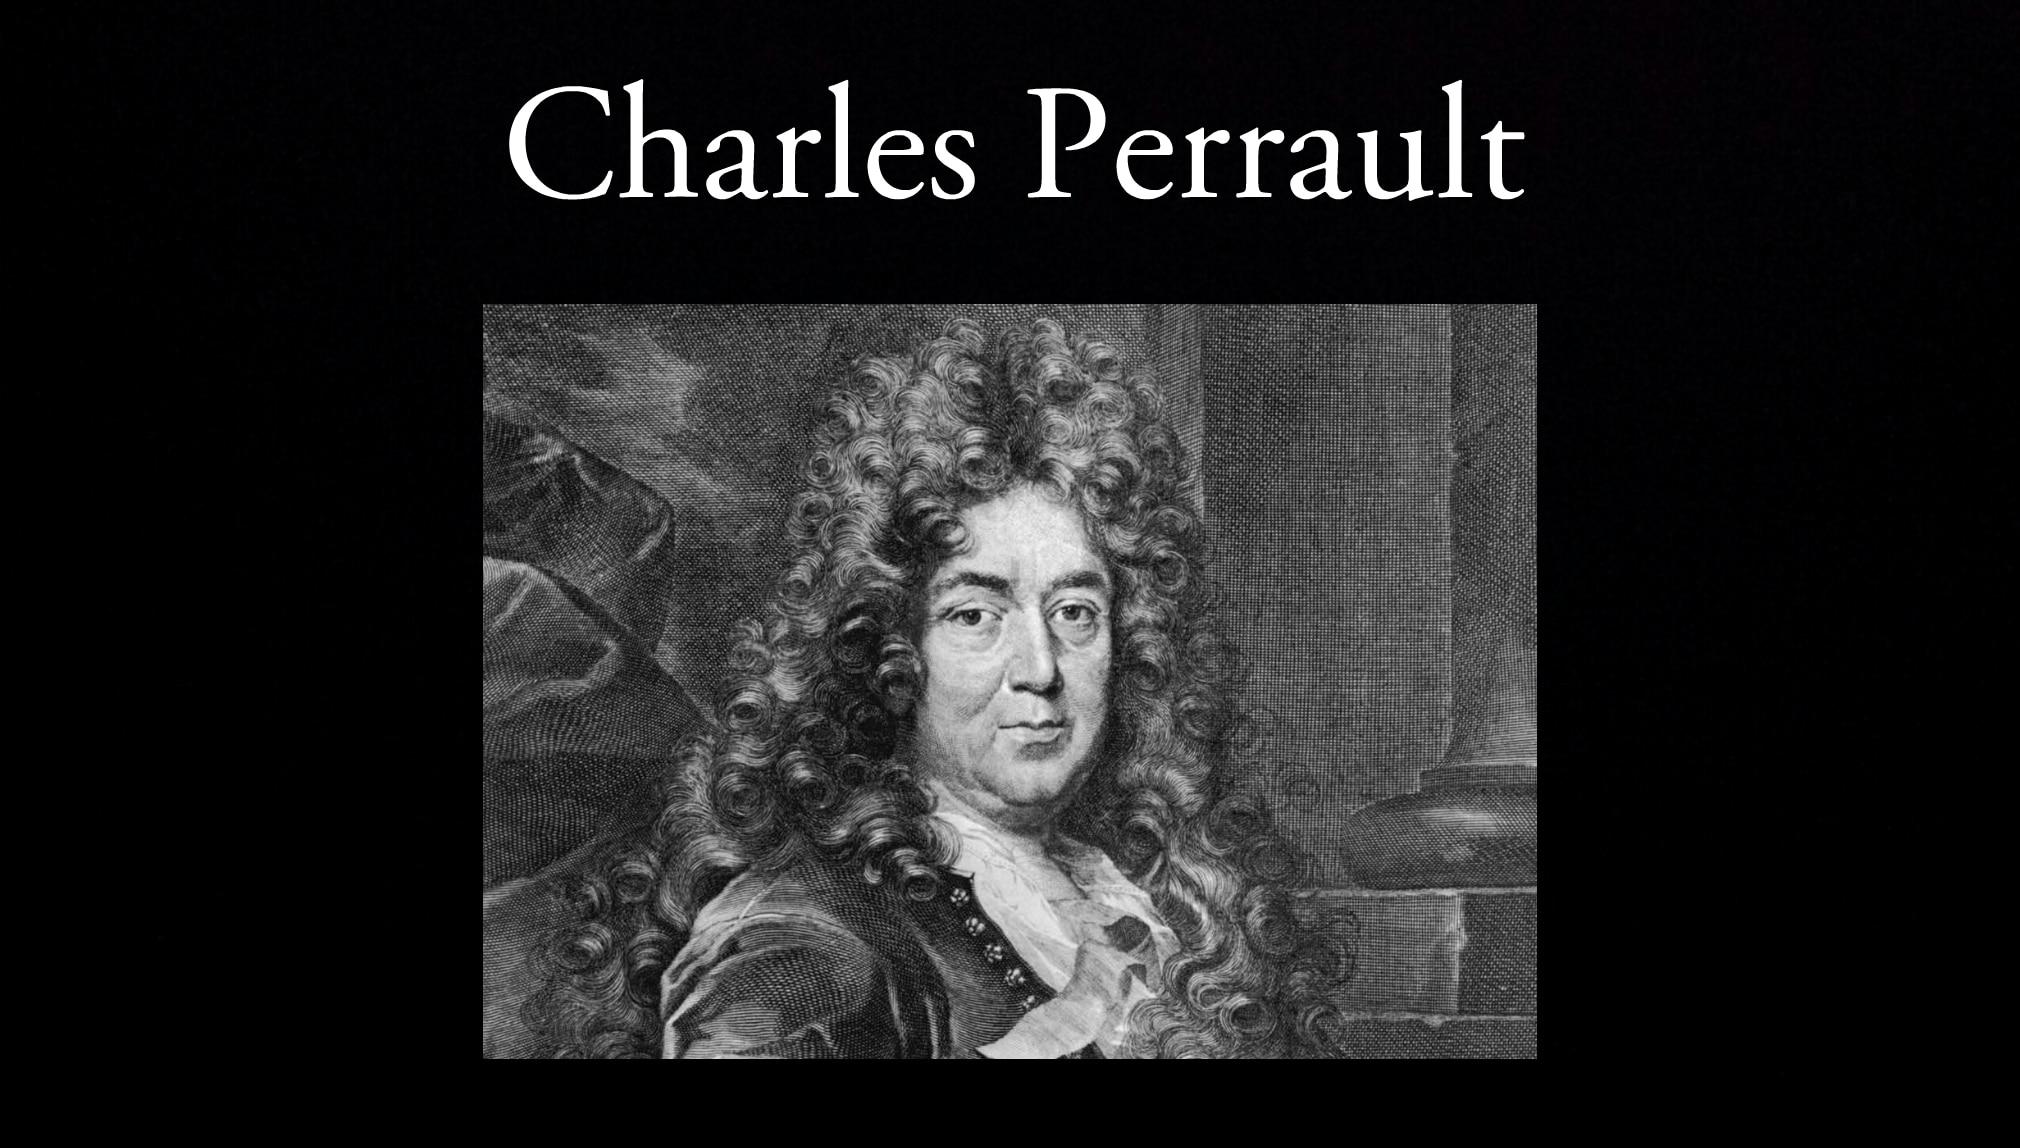 Charles Perrault.